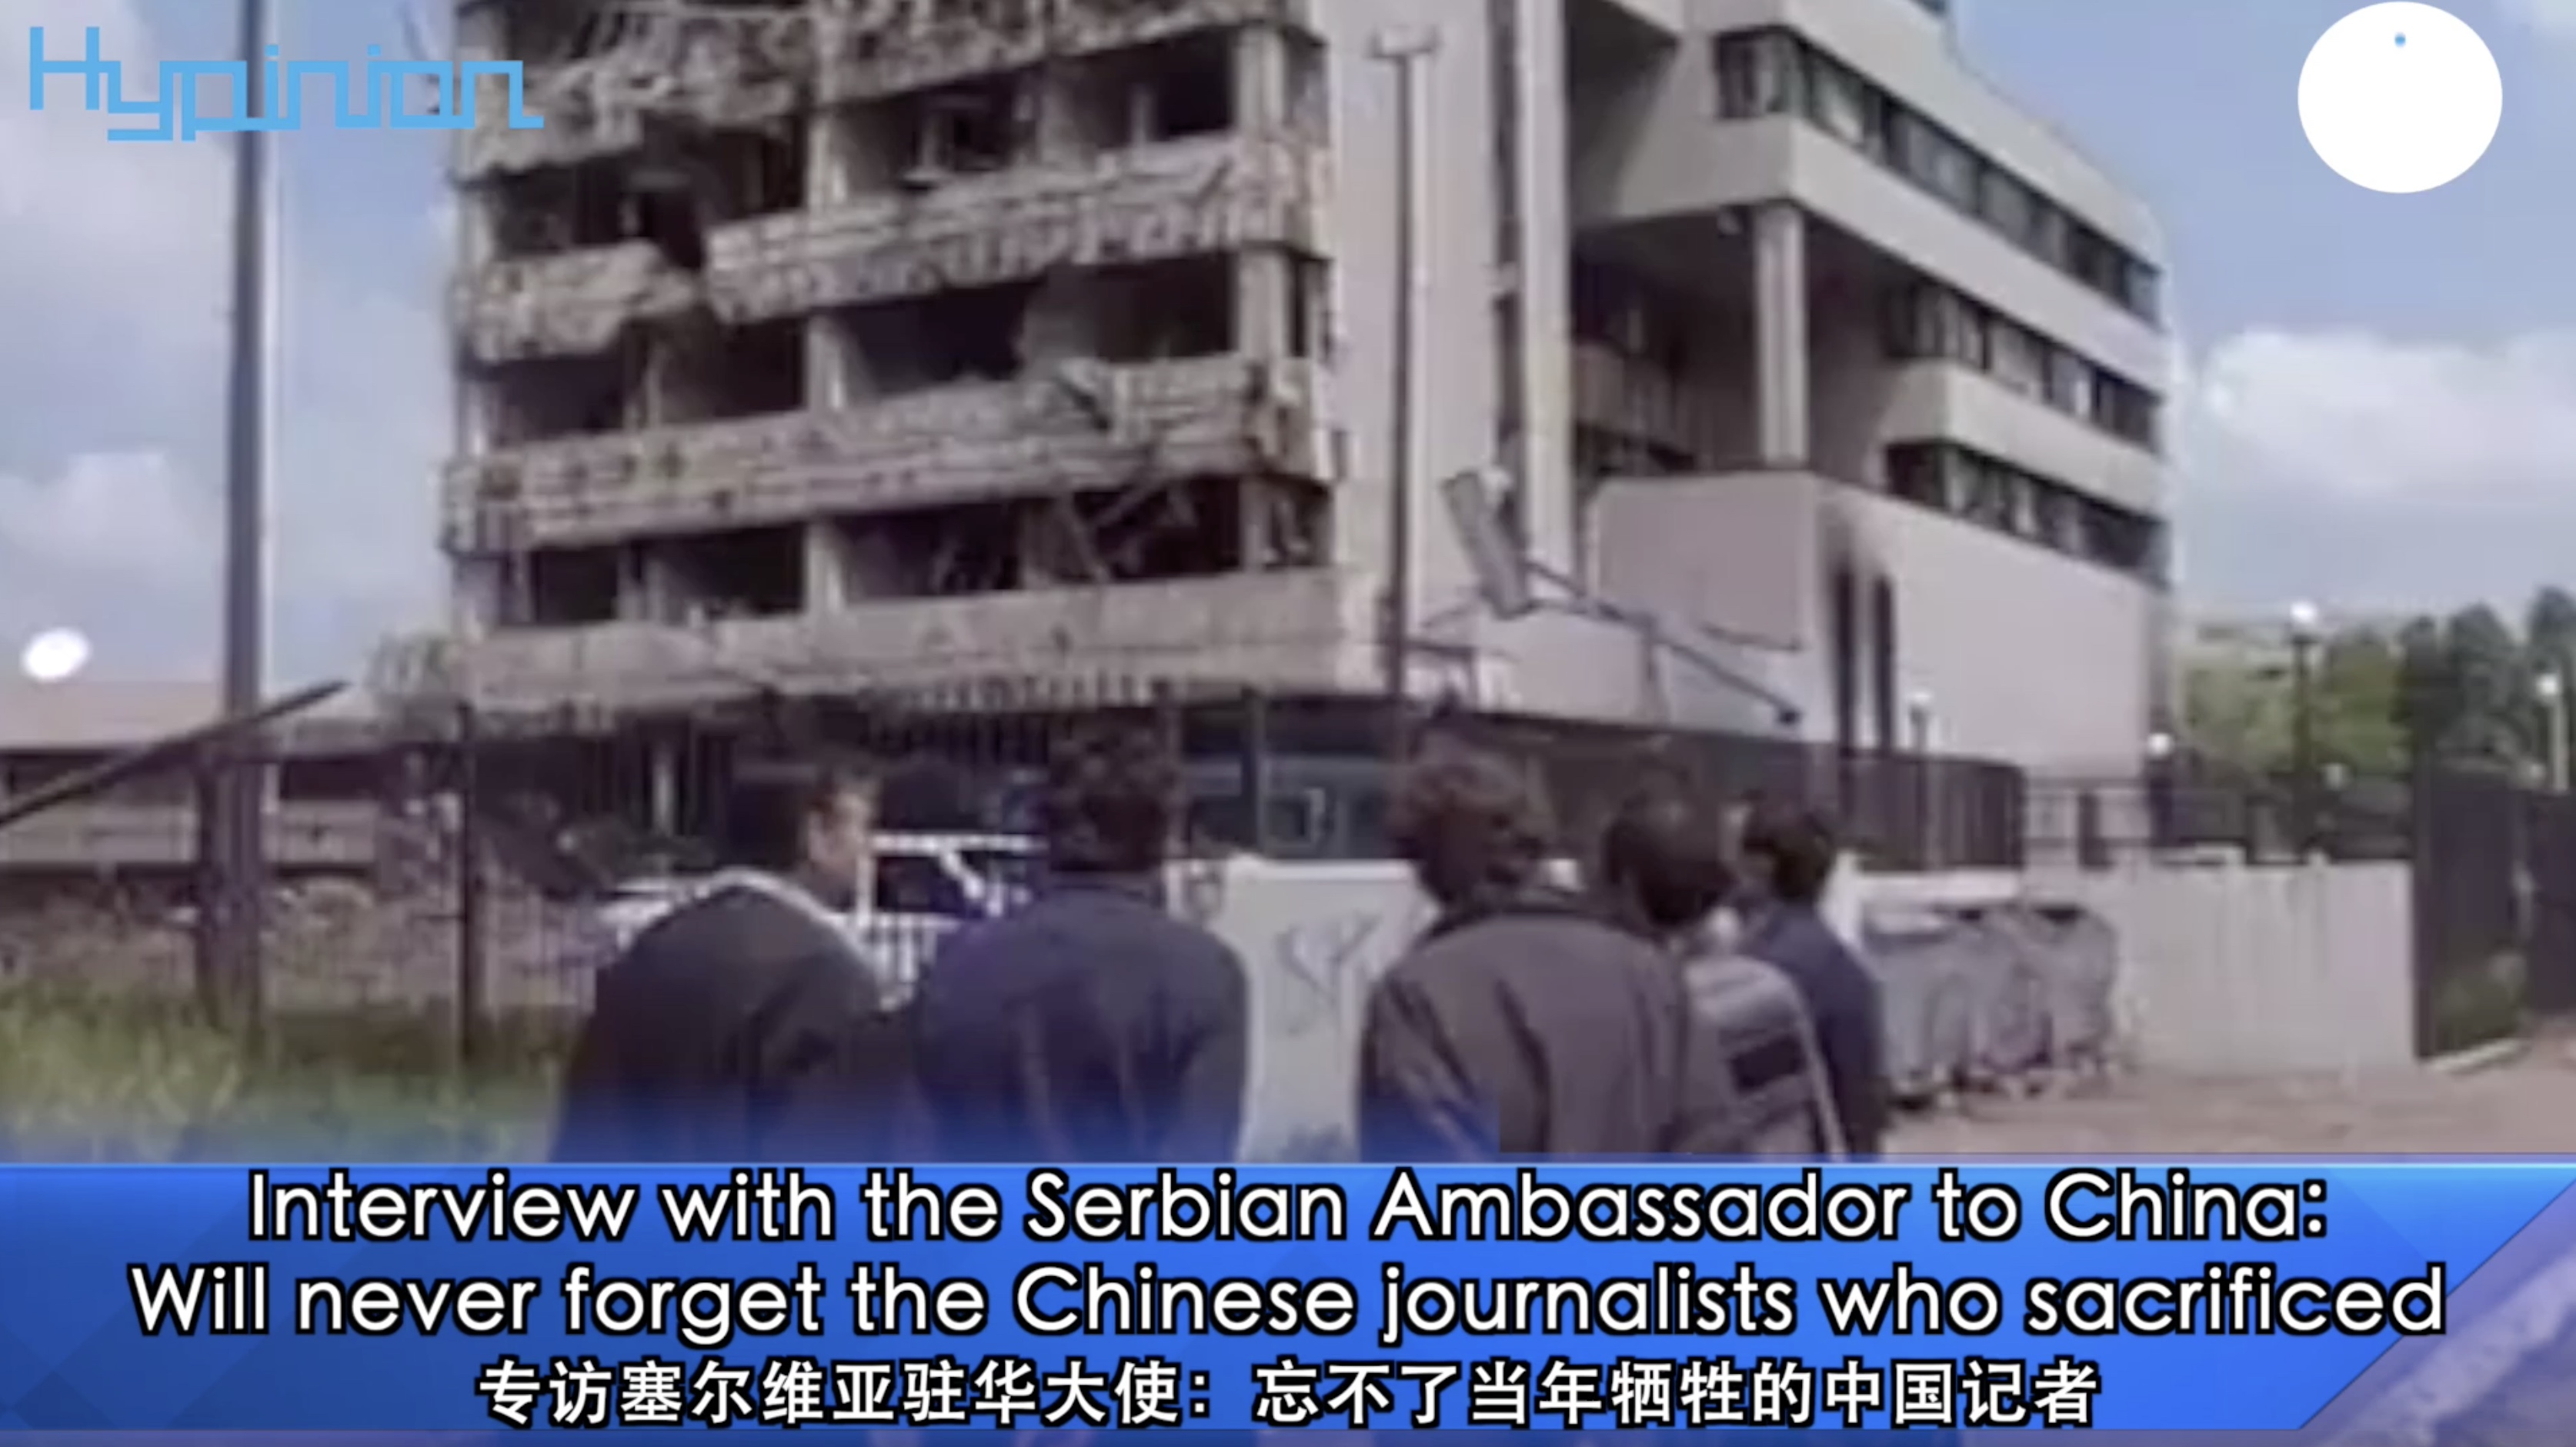 海评面专访塞尔维亚驻华大使:忘不了当年牺牲的中国记者